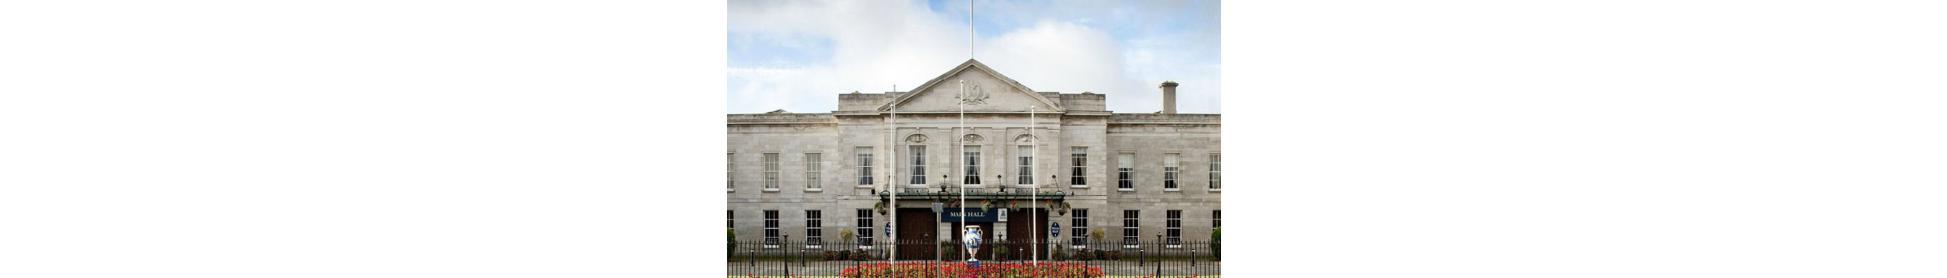 Swap and Play Tour: Dublin